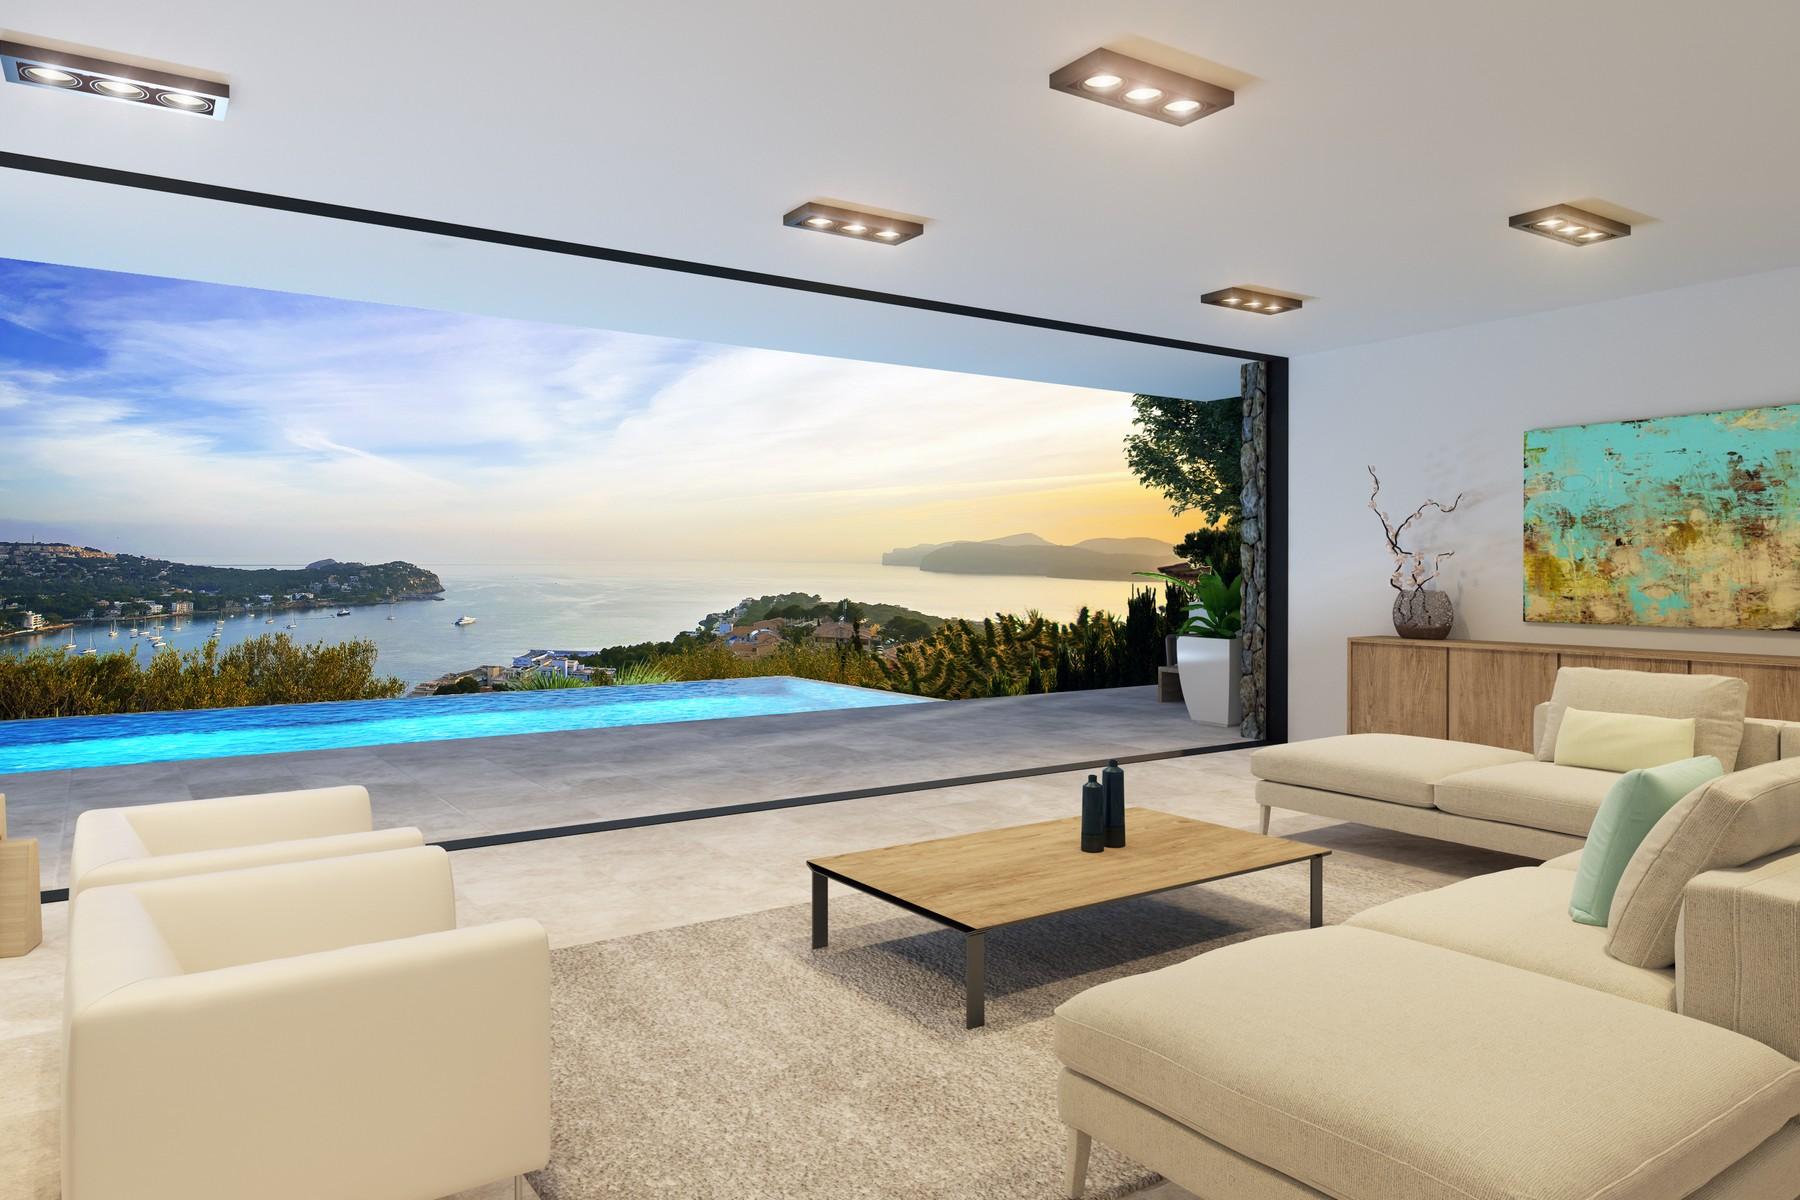 独户住宅 为 销售 在 Modern Villa in Costa de la Calma 圣庞沙, 马洛卡, 07182 西班牙